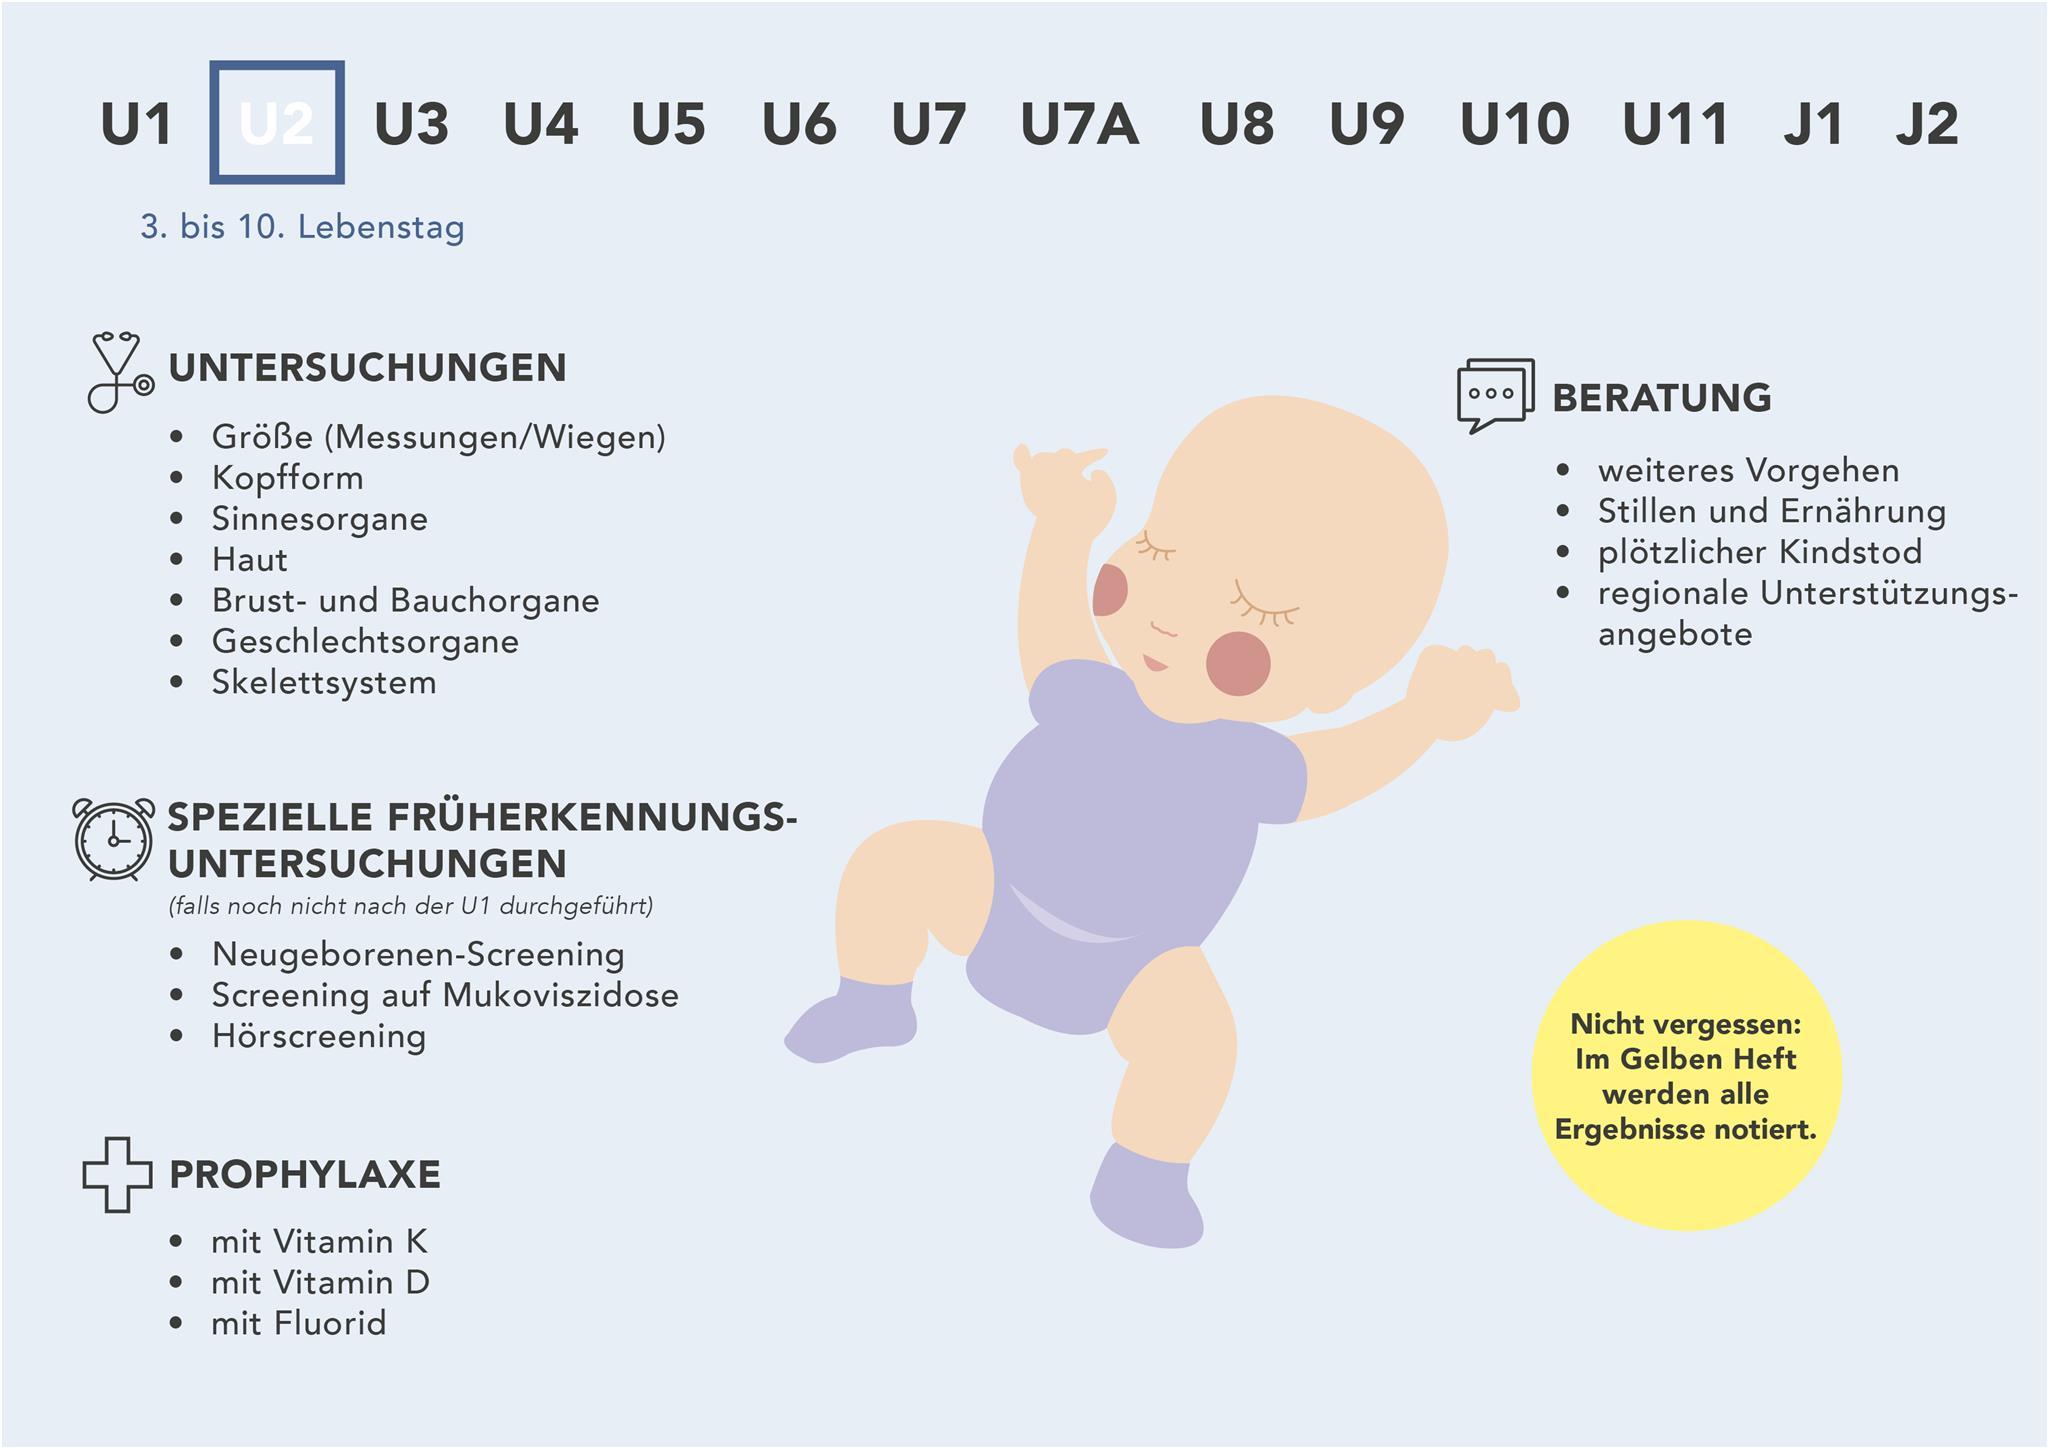 Die U2 auf einen Blick